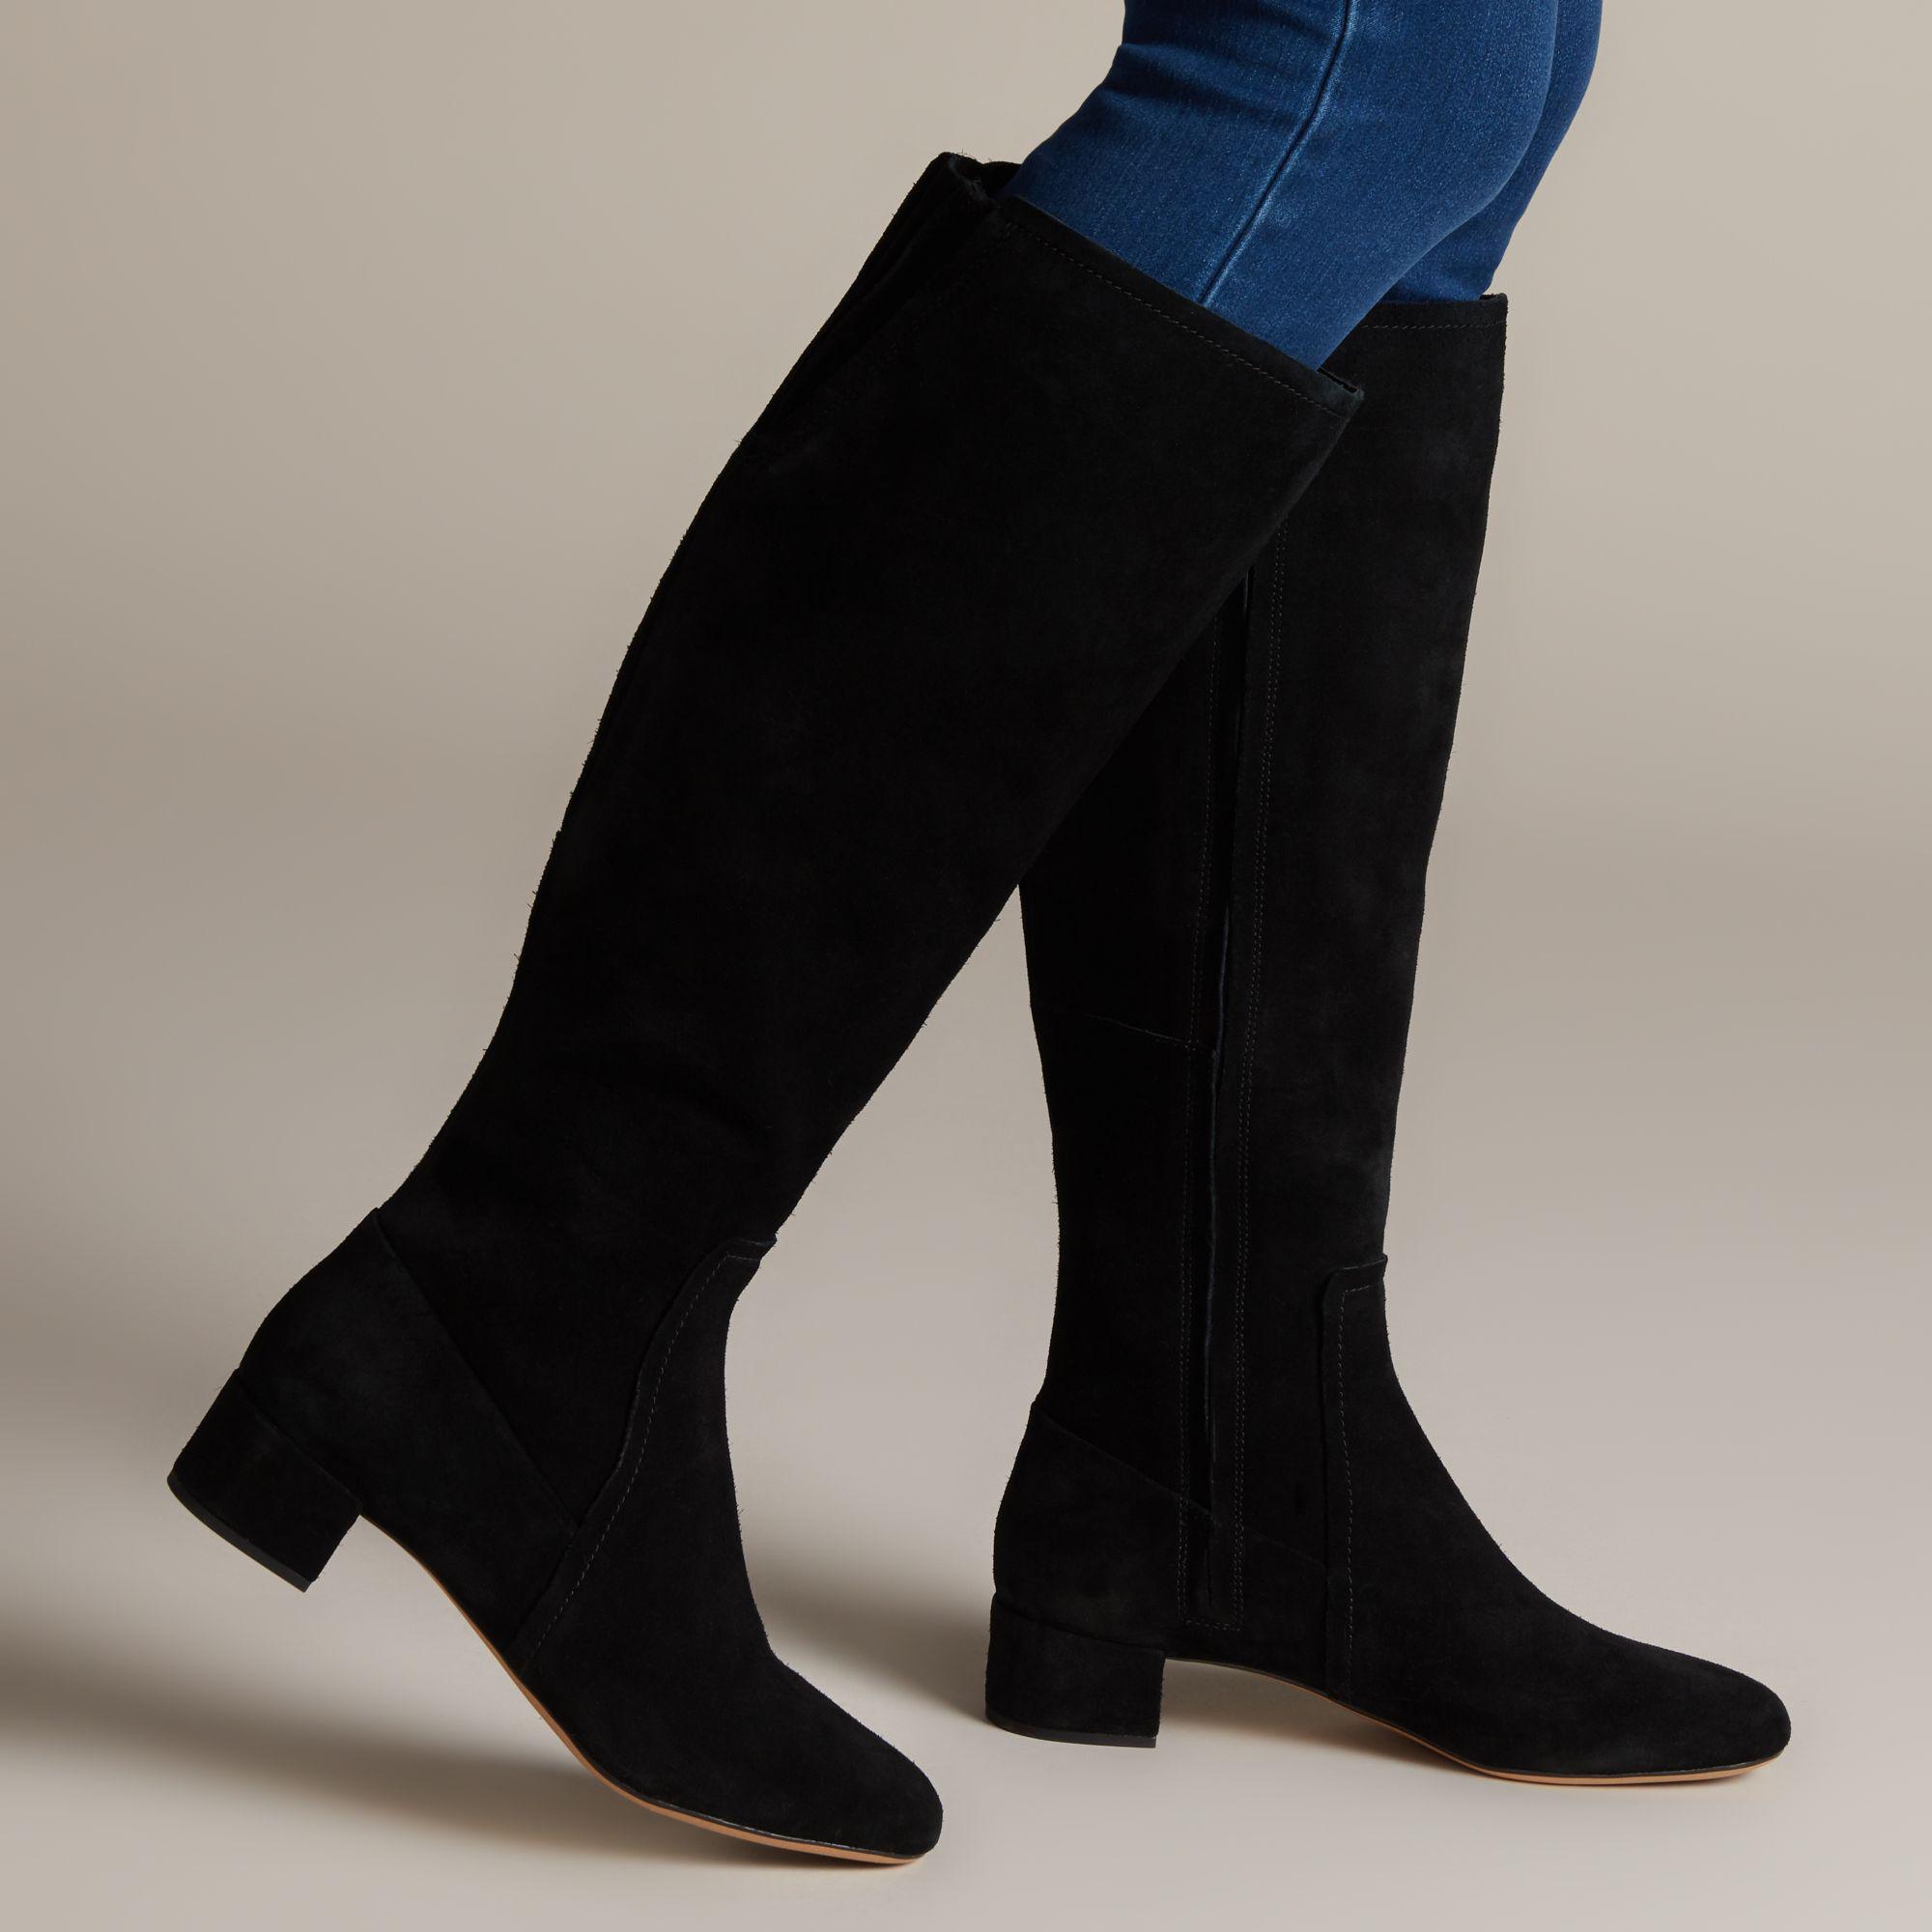 ORABELLA AVA LADIES CLARKS CLASSIC SUEDE HEEL ZIP EVERYDAY KNEE HIGH BOOTS SIZE